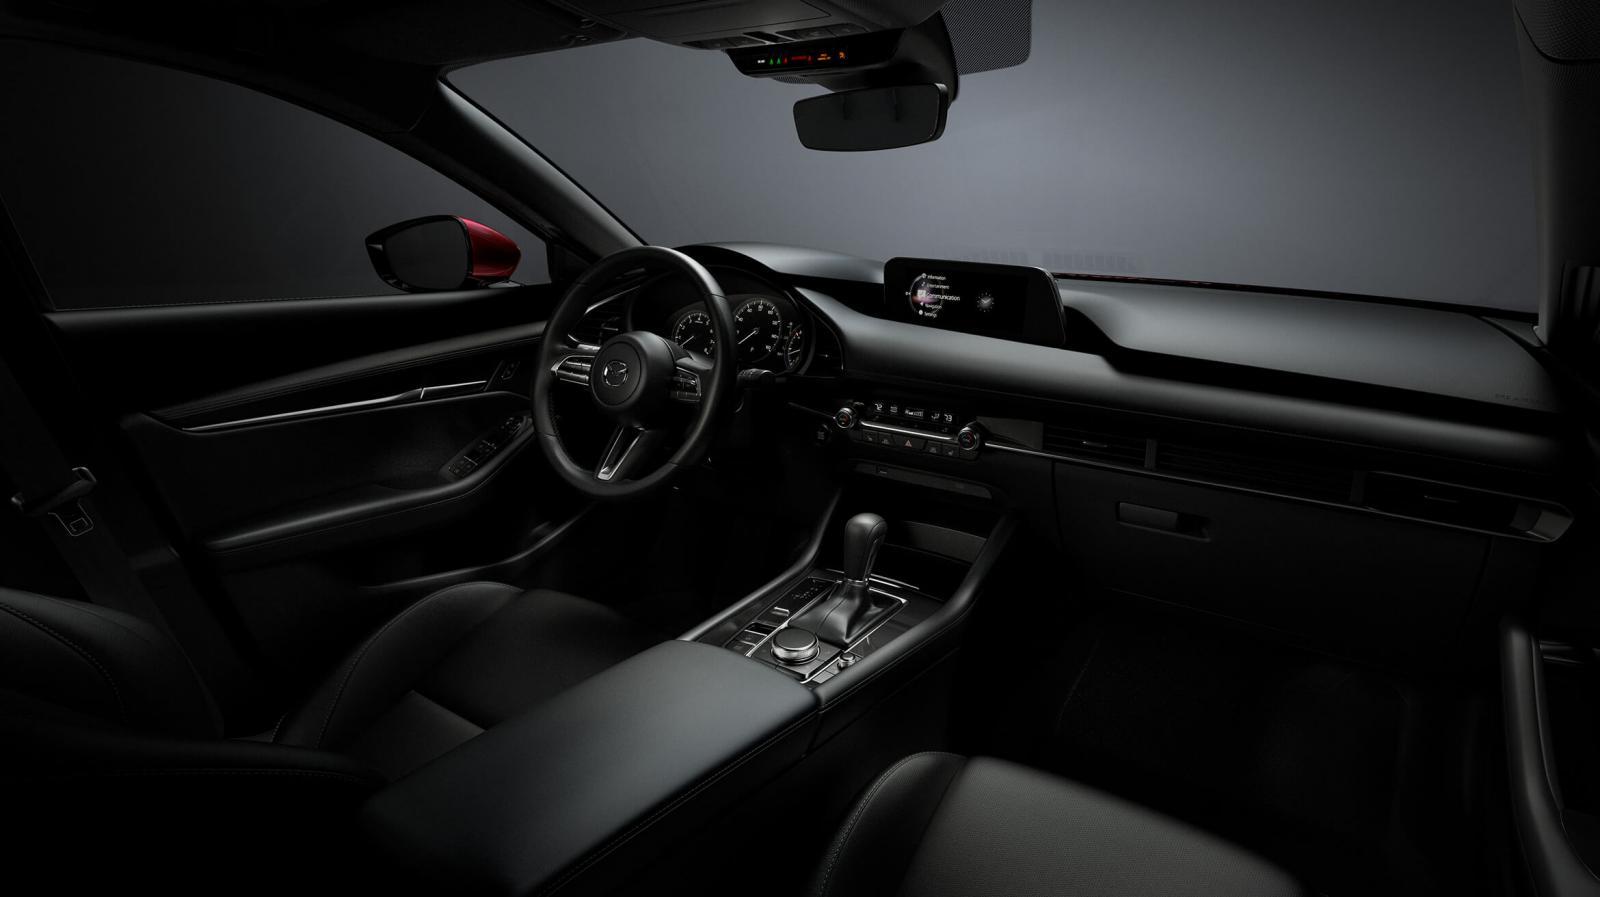 La cabina del Mazda 3 Sedan 2020 i Grand Touring se presenta minimalista, principalmente, en el área de la consola y el tablero